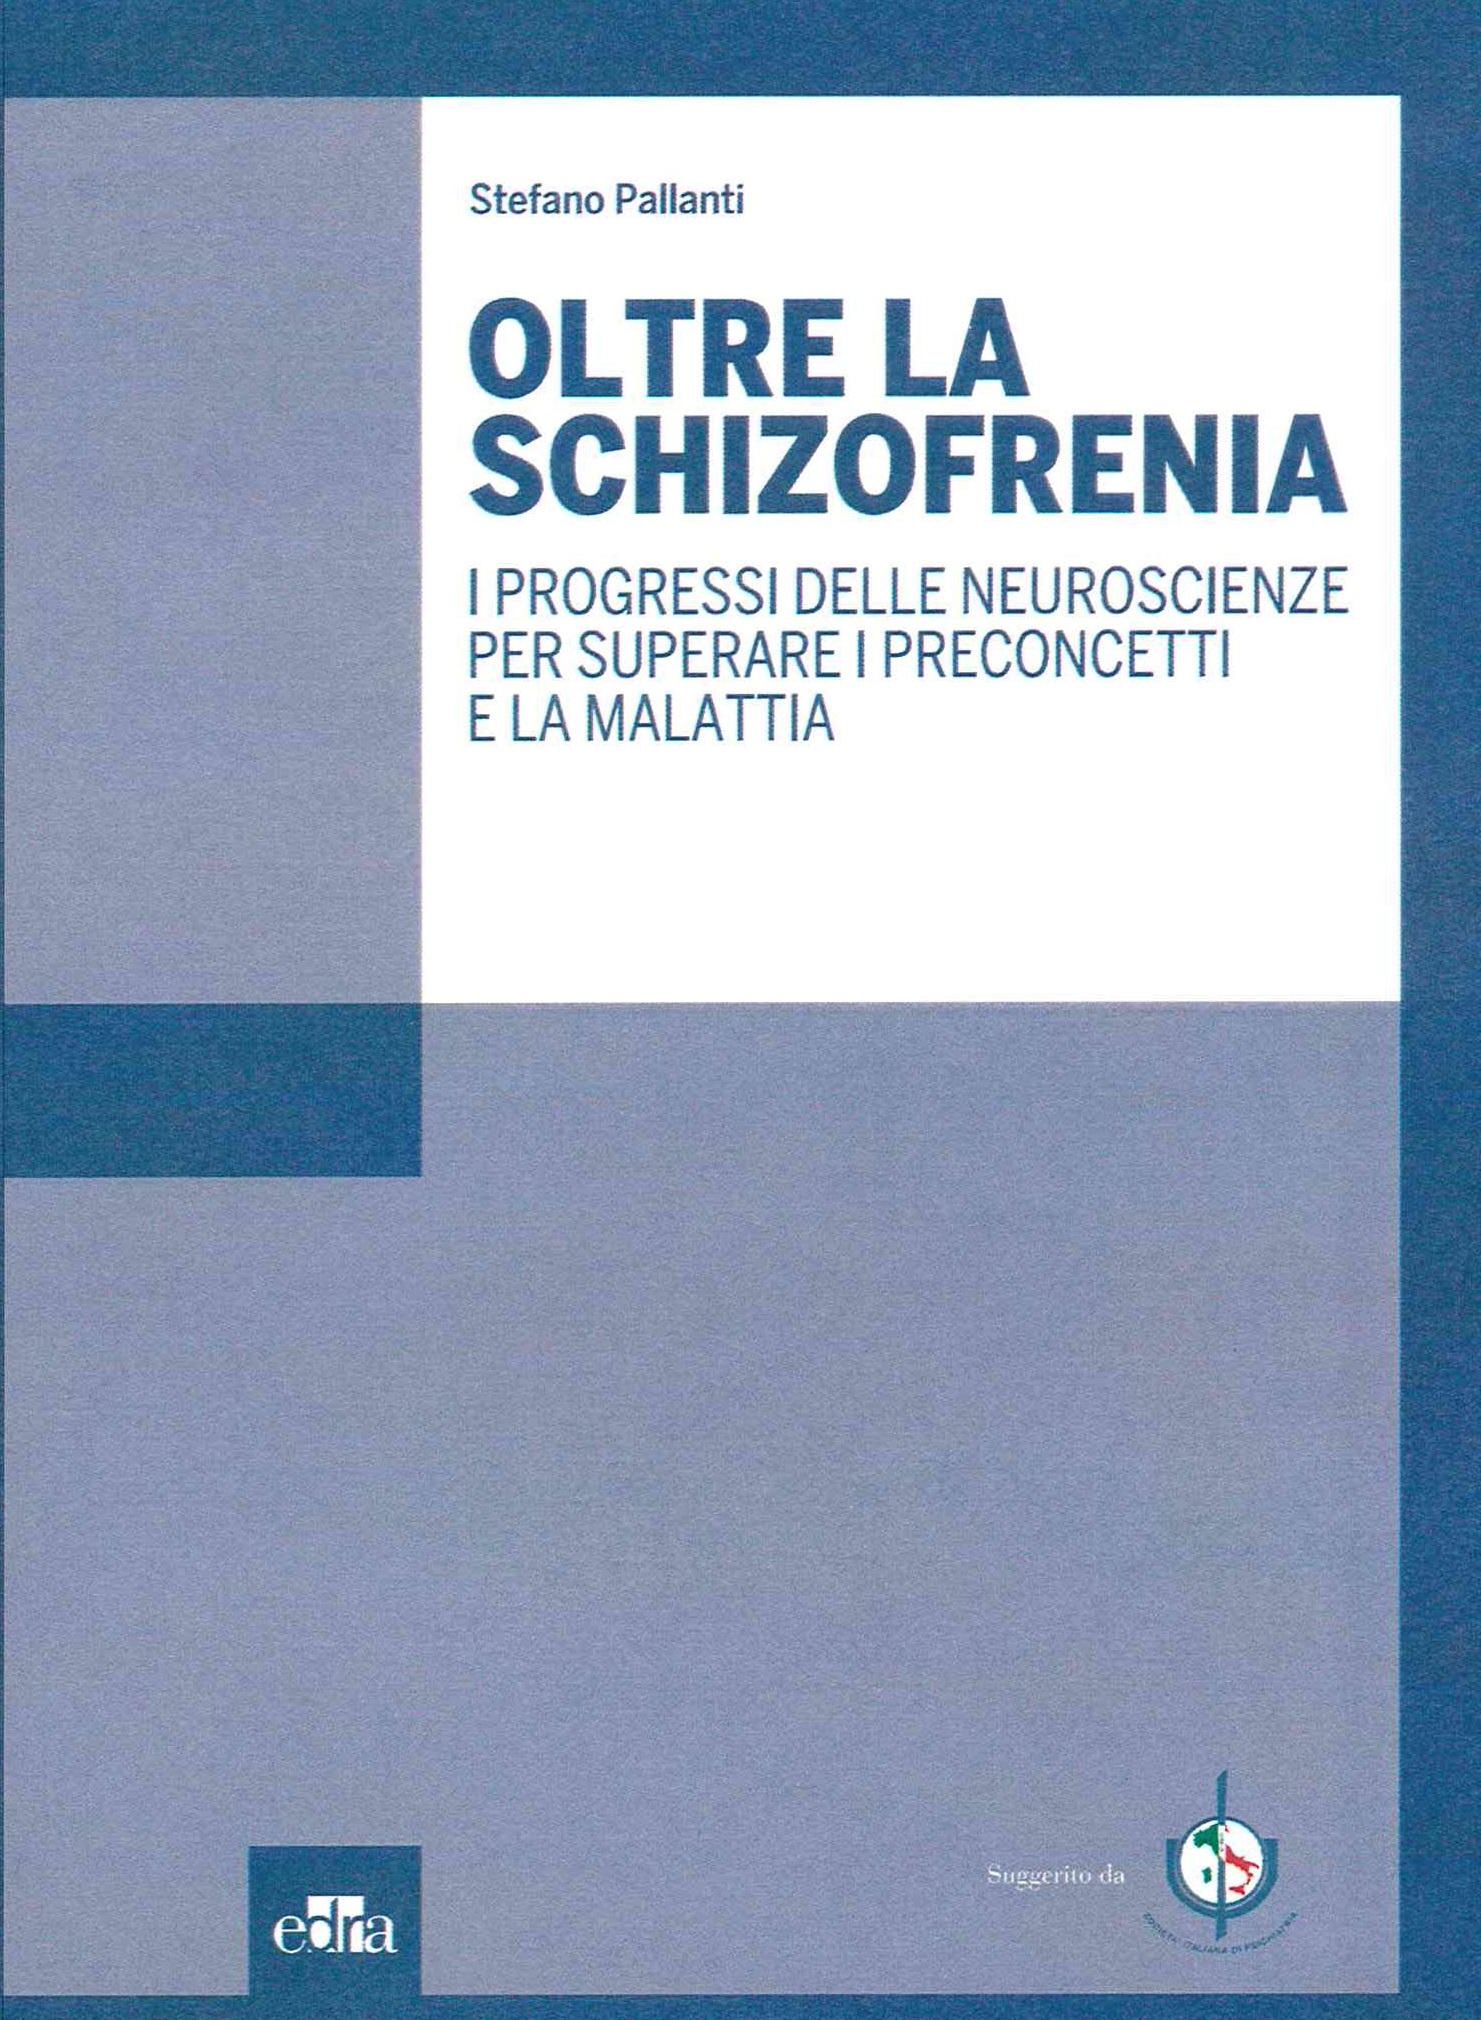 Oltre la Schizofrenia – I progressi delle neuroscienze per superare i preconcetti e la malattia